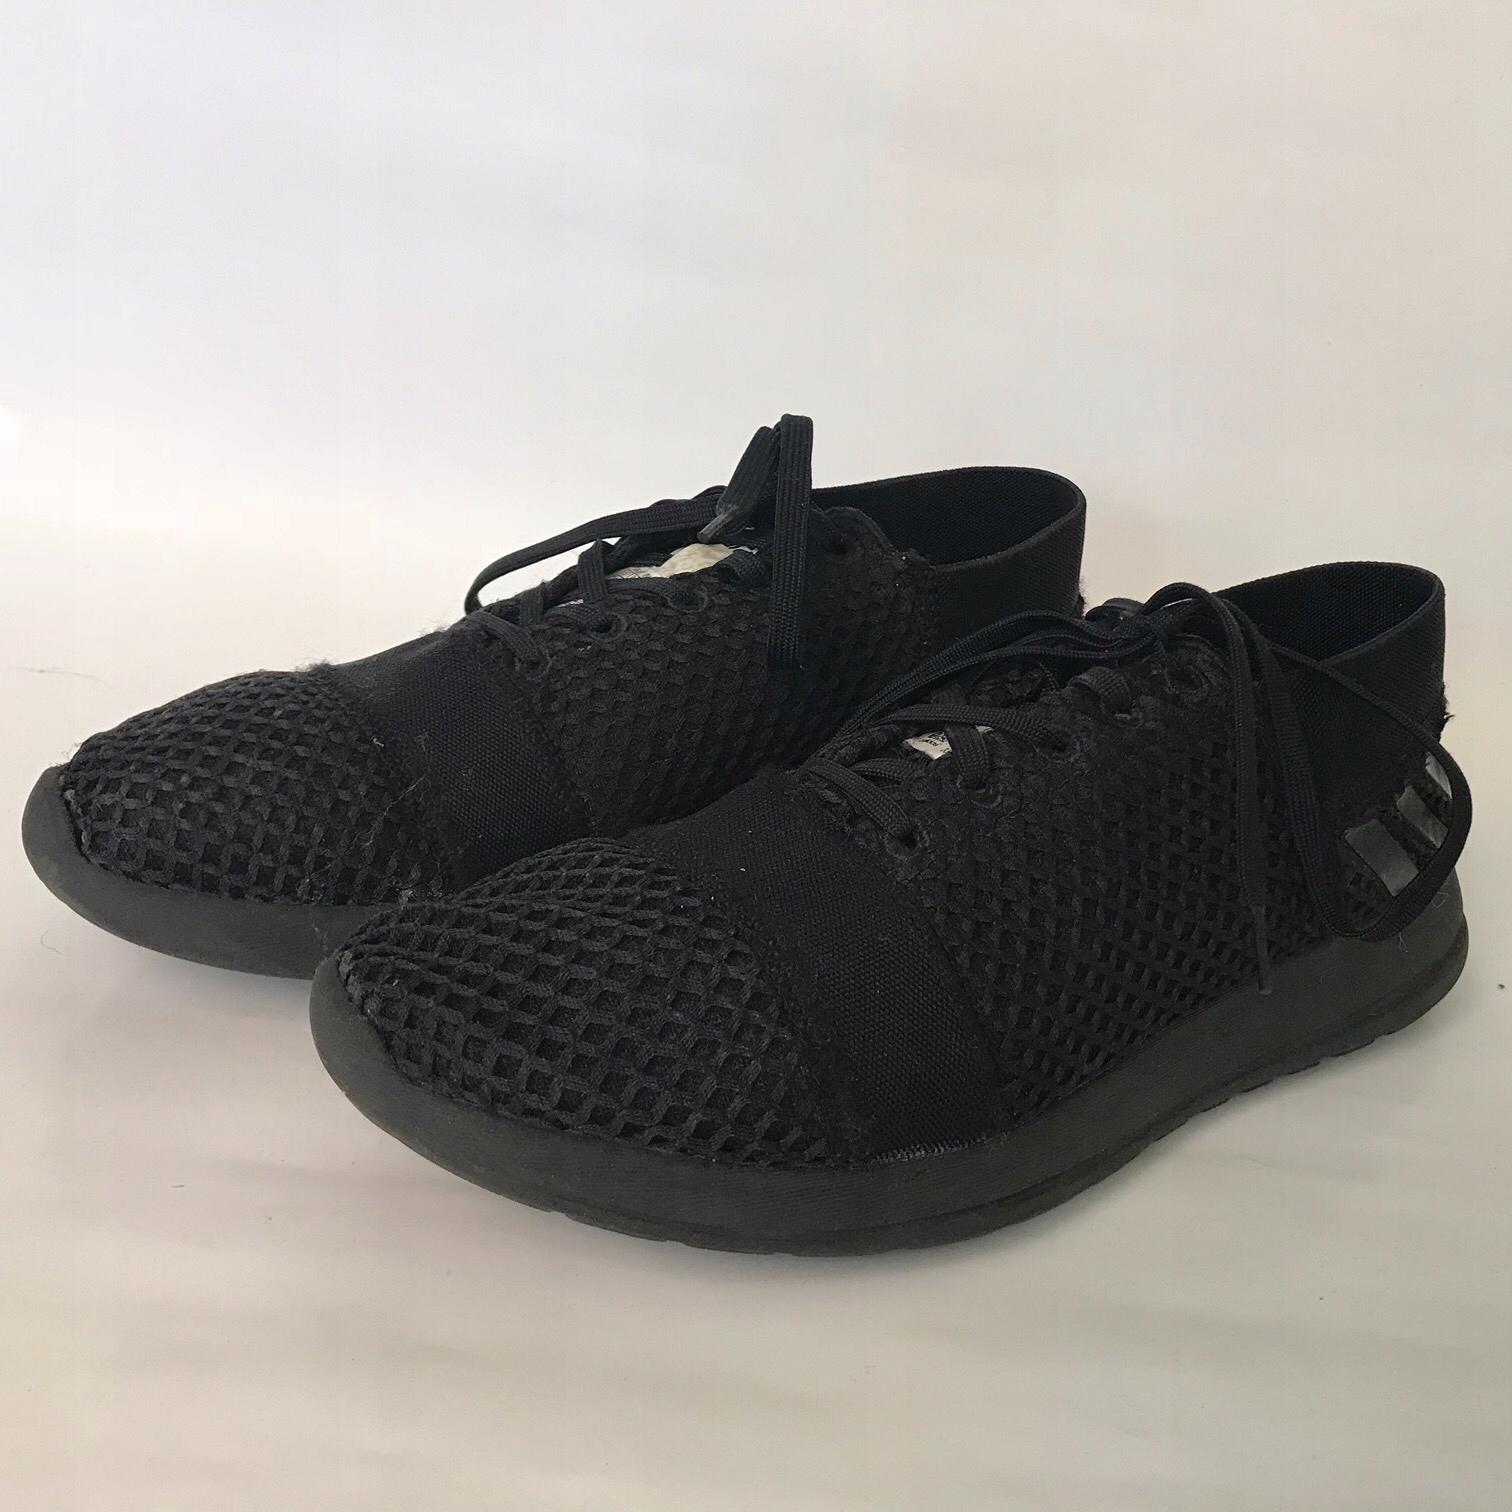 Buty sportowe chłopięce rozm. 40 2/3 EU Adidas